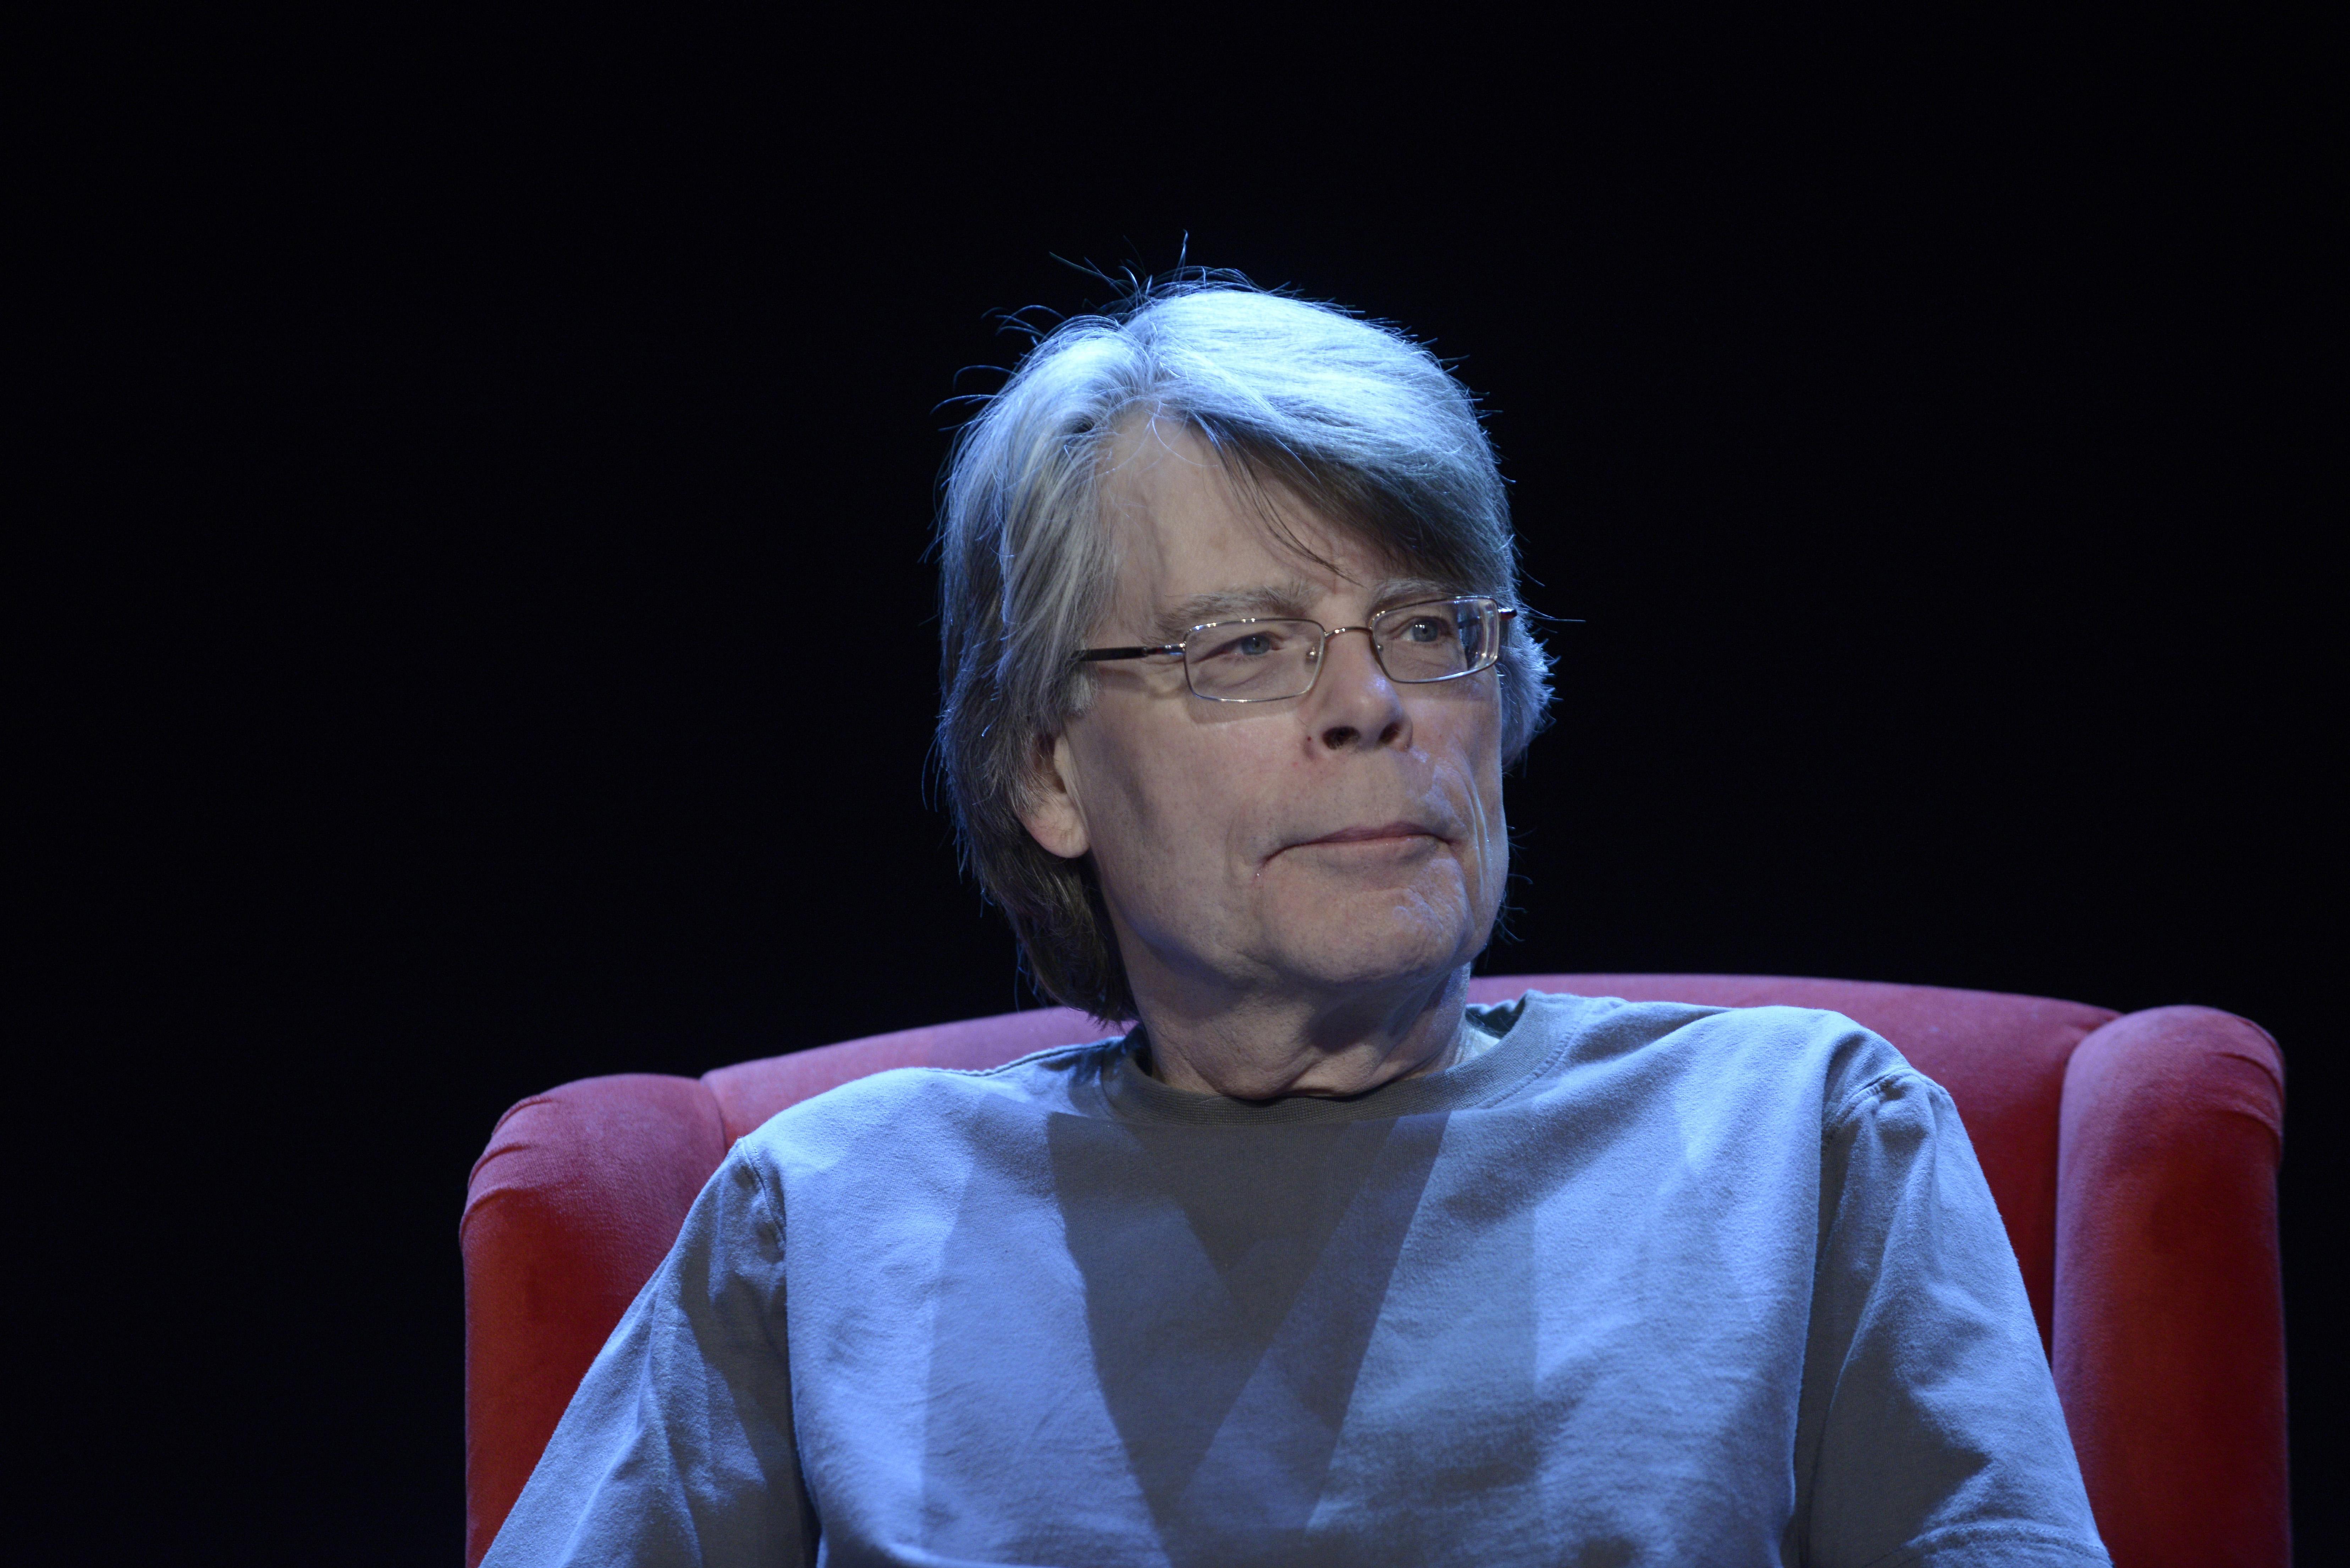 Stephen King 1 dollárért odaadta egyik novellája megfilmesítési jogait pár lelkes tinédzsernek